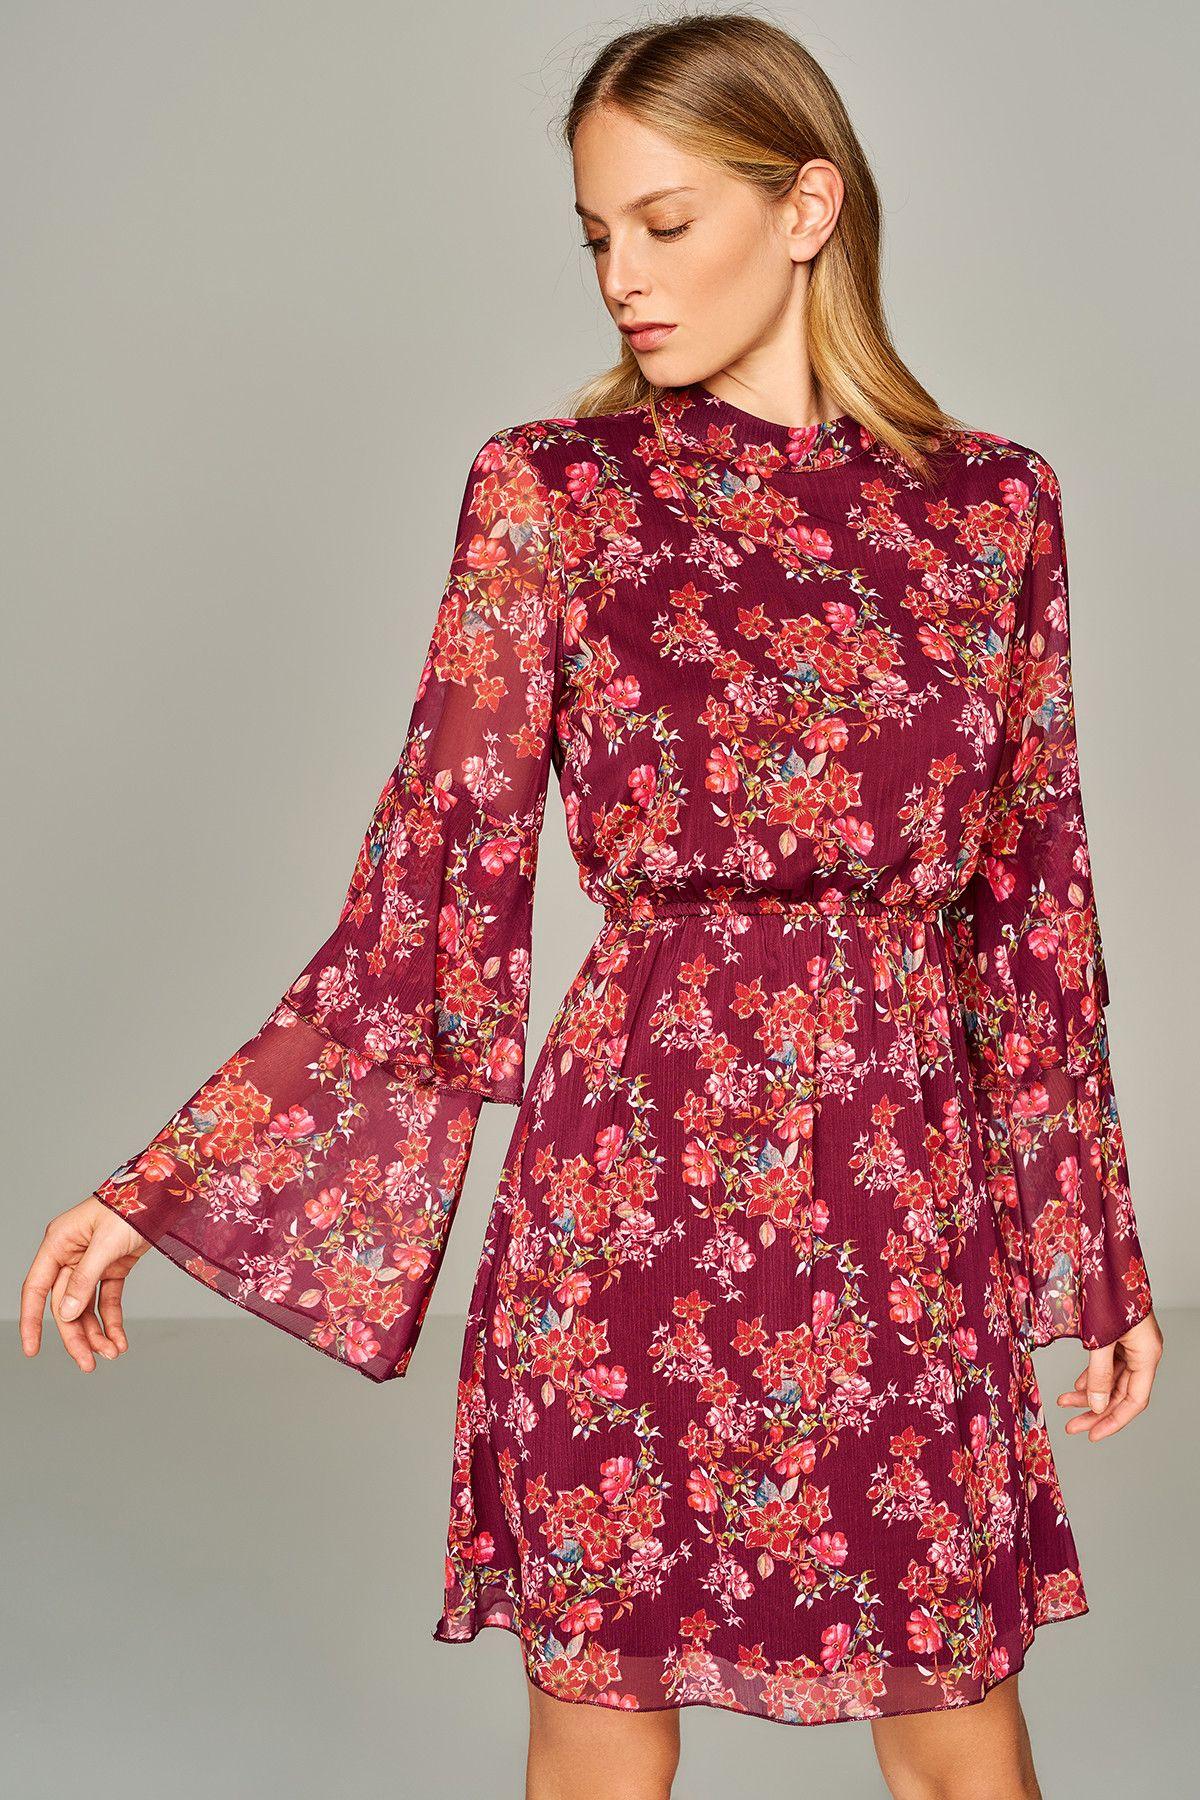 Cok Renkli Volan Detayli Elbise Trendyolmilla Trendyol Mini Elbiseler Moda Stilleri The Dress